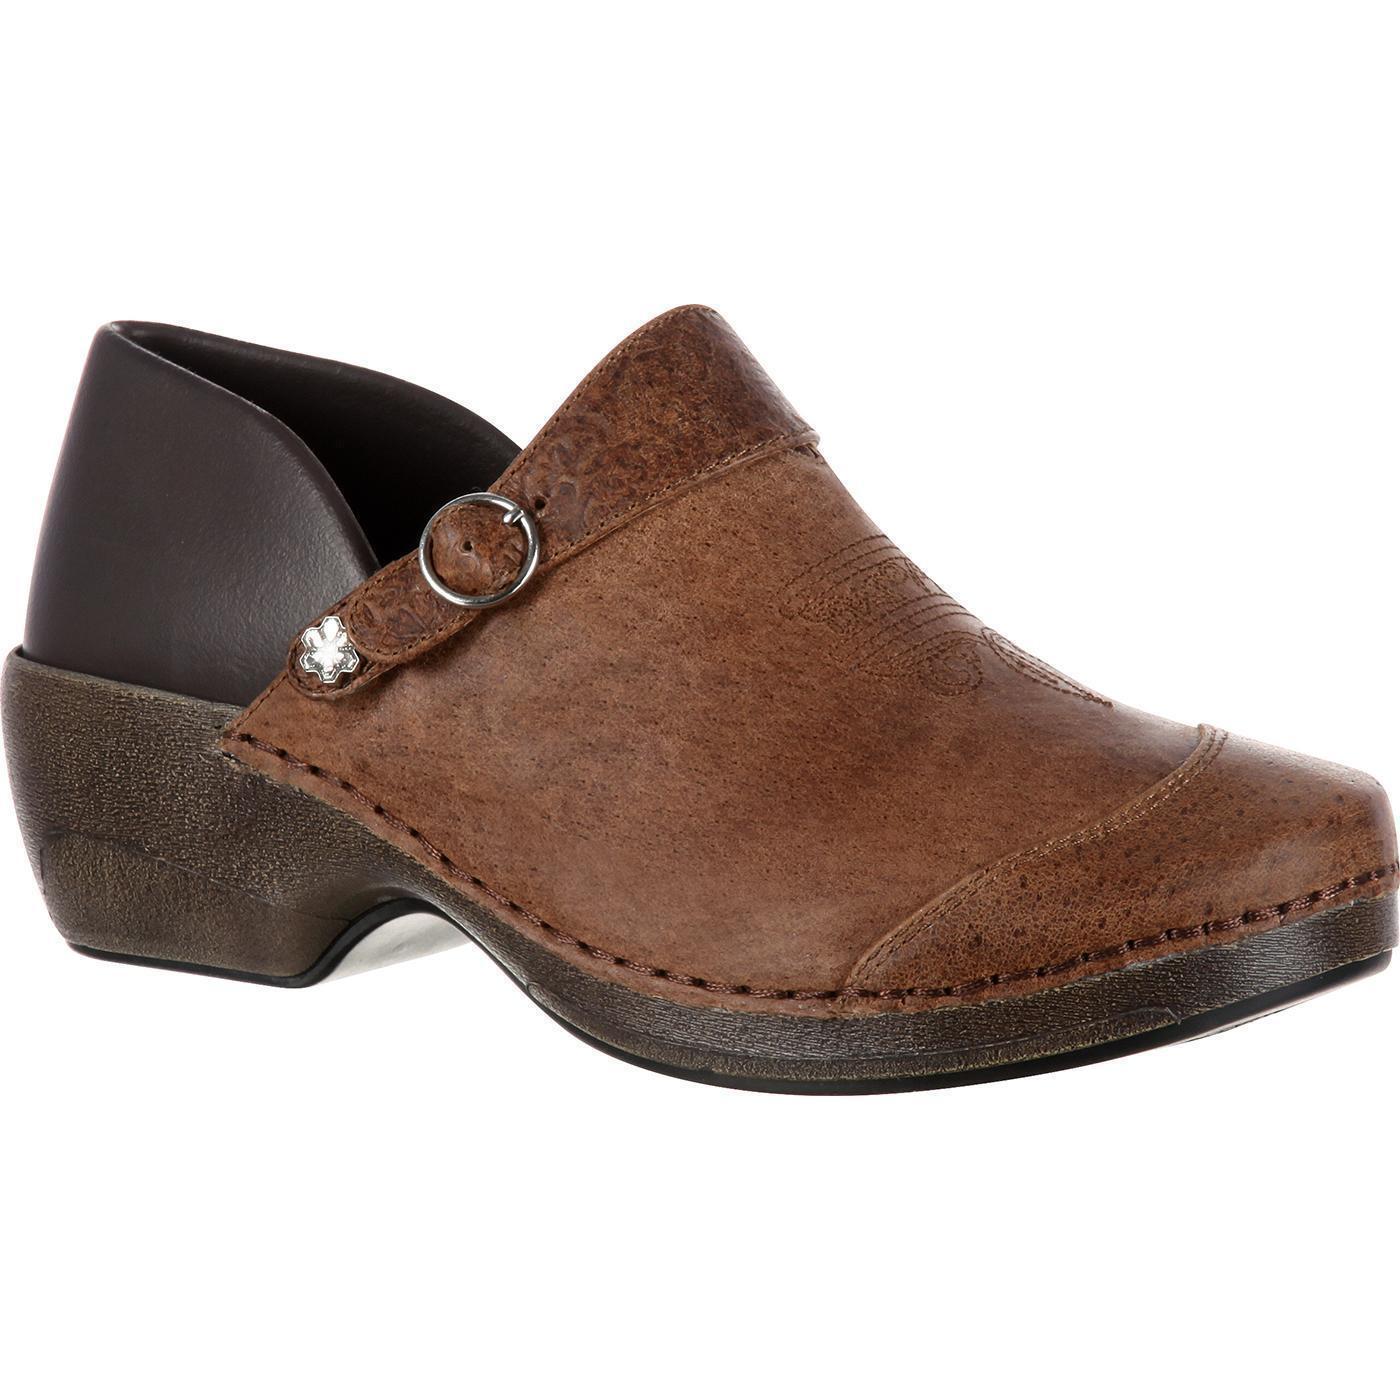 de60f4665 Rocky Mujeres 4 eursole 2 en 1 Marrón Zuecos occidental de cuero zapatos  talla 6.5 rkyh 045 nwzmyn2857-zapatos nuevos